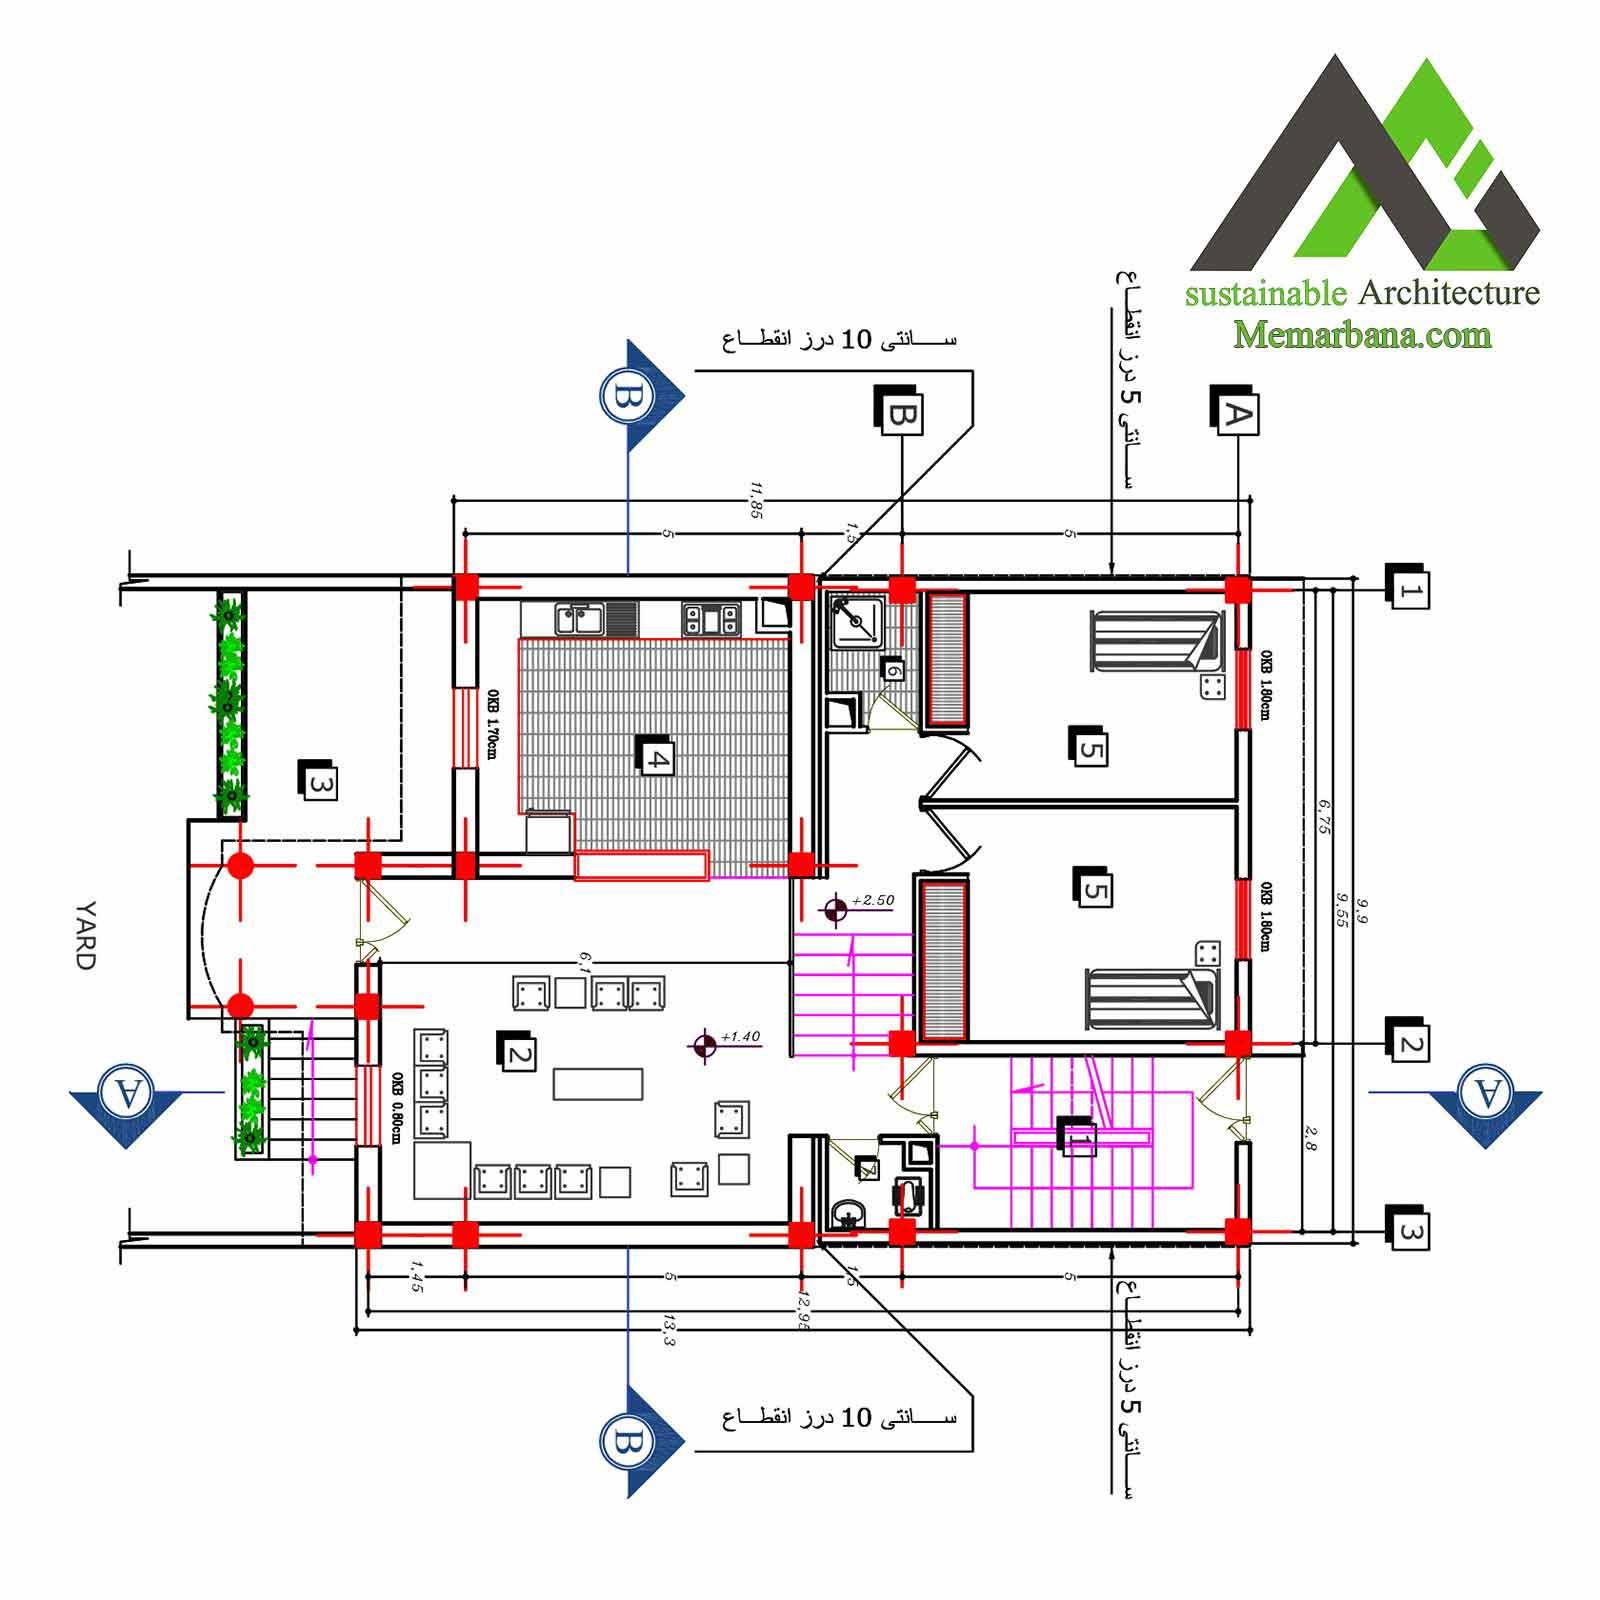 نقشه منزل مسکونی دوبلکس یک طبقه